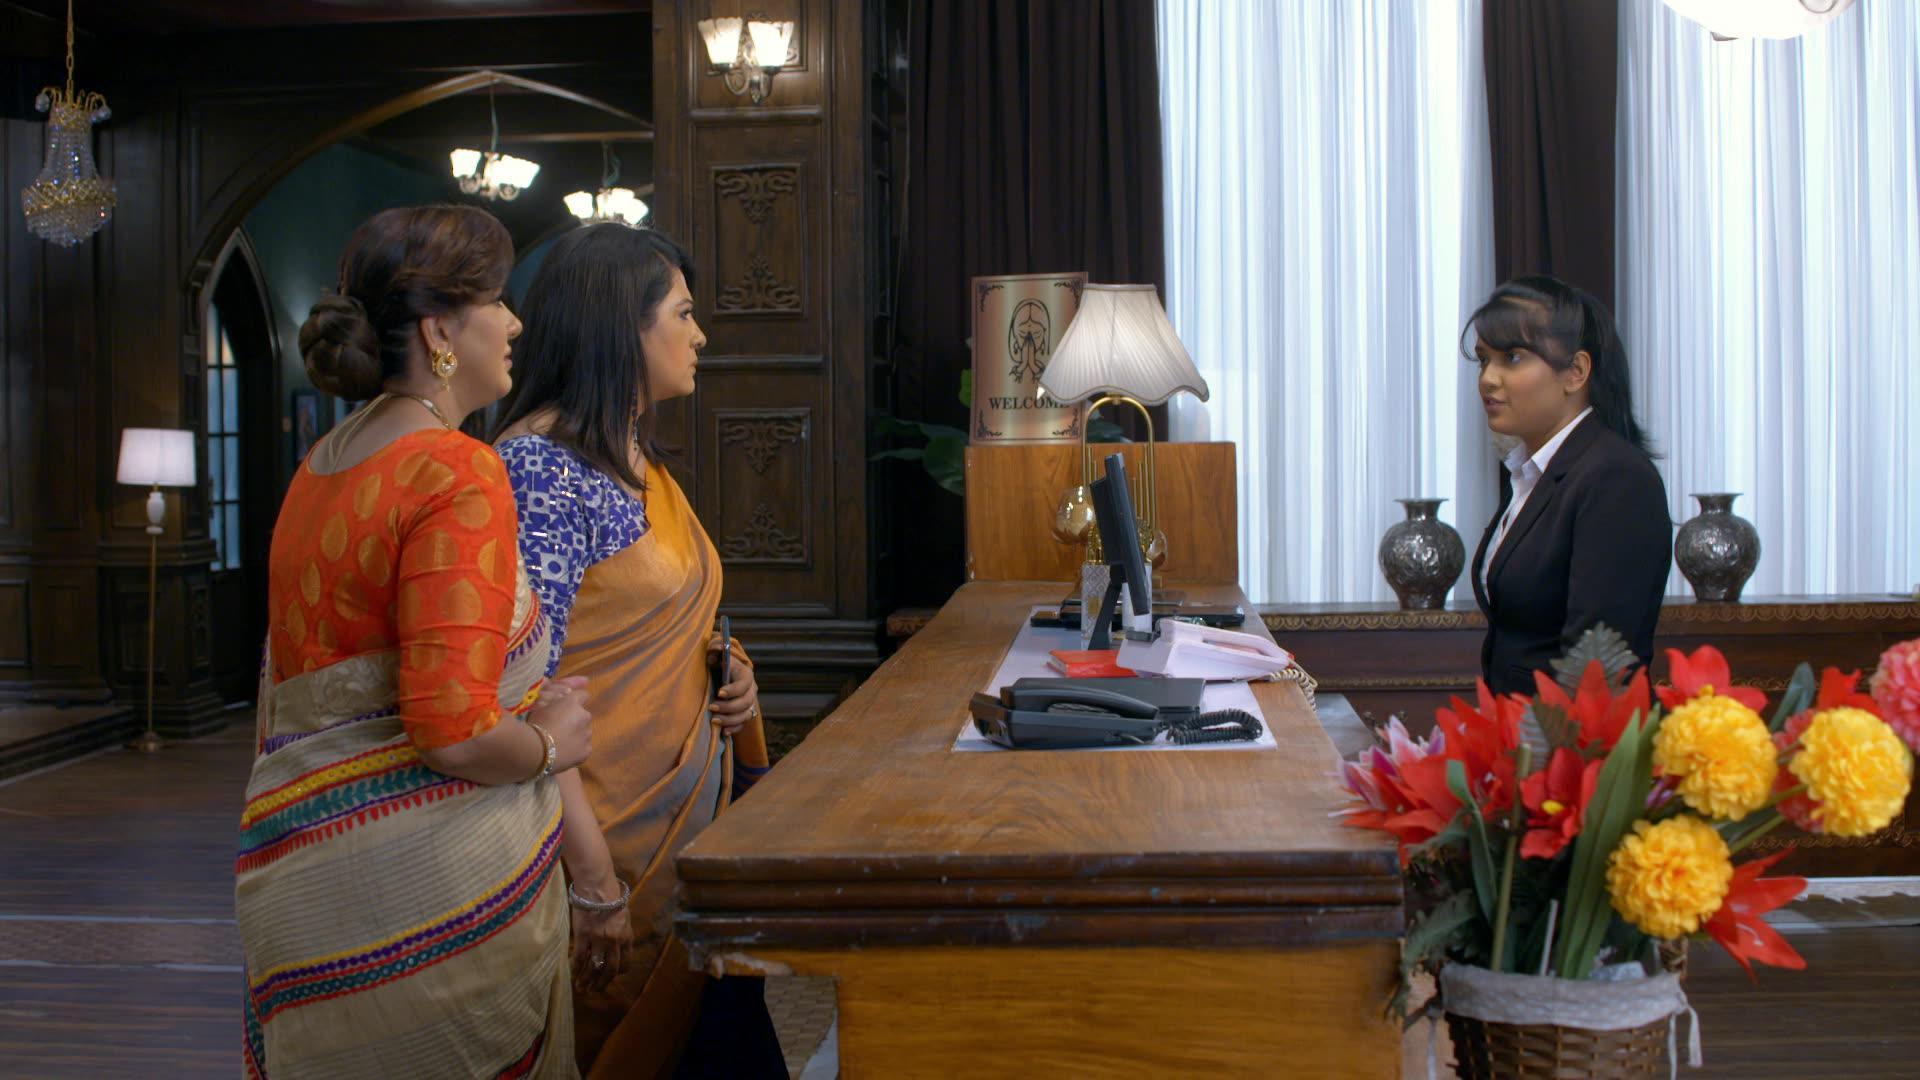 A still of Preeta, Sameer and Srishti